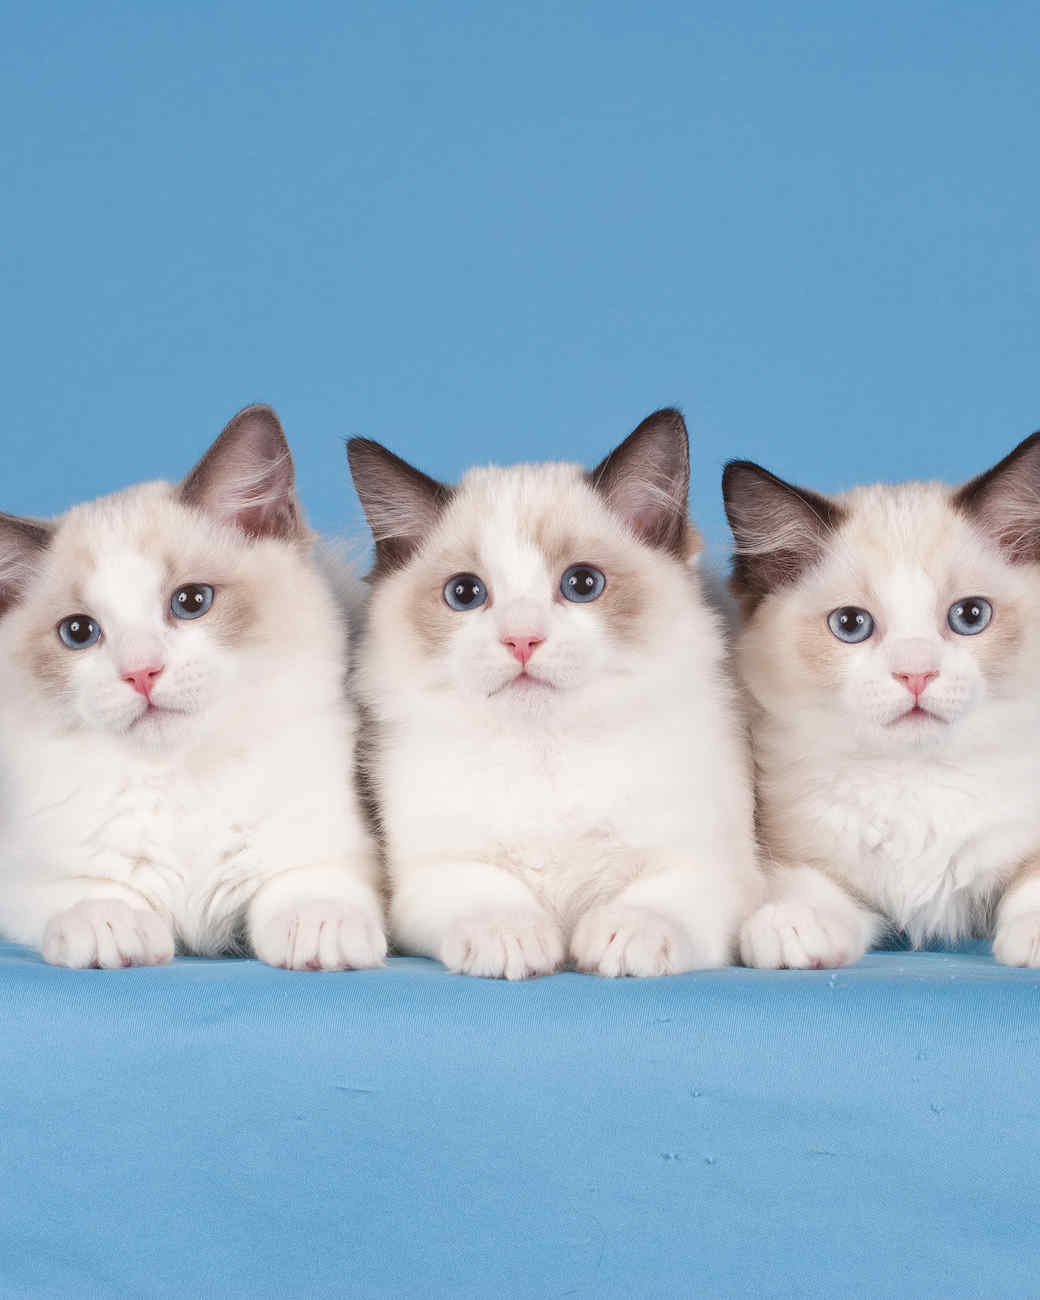 cat-breeds-ragdoll-multiple-ig22-496.jpg